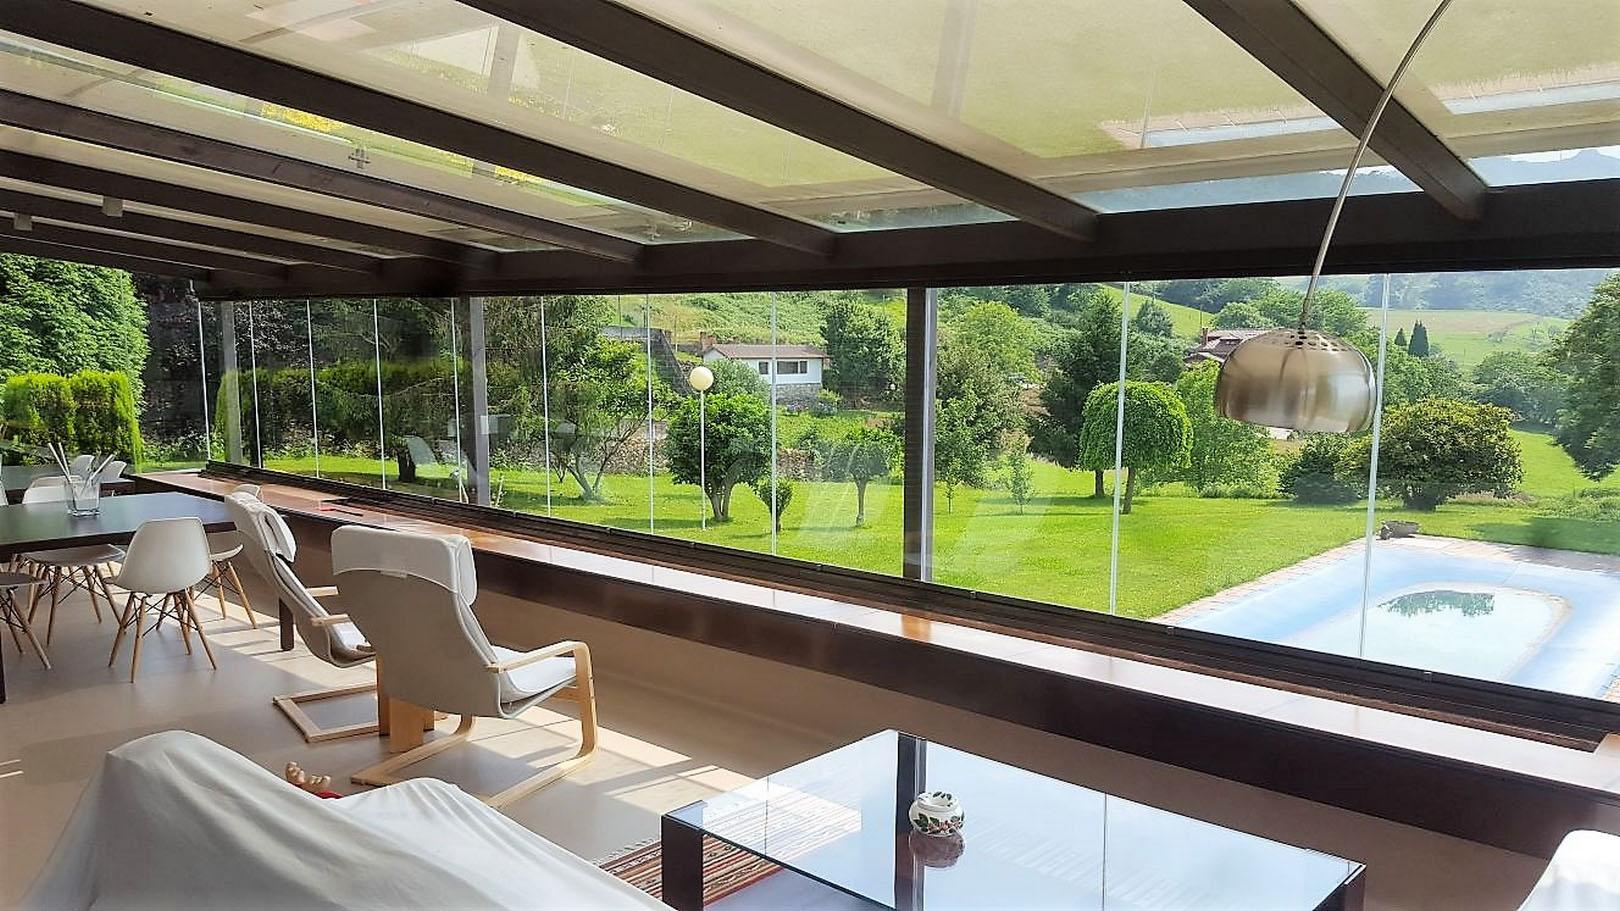 Terraza con cortina de cristal cialca cortinas de for Cortina cristal terraza